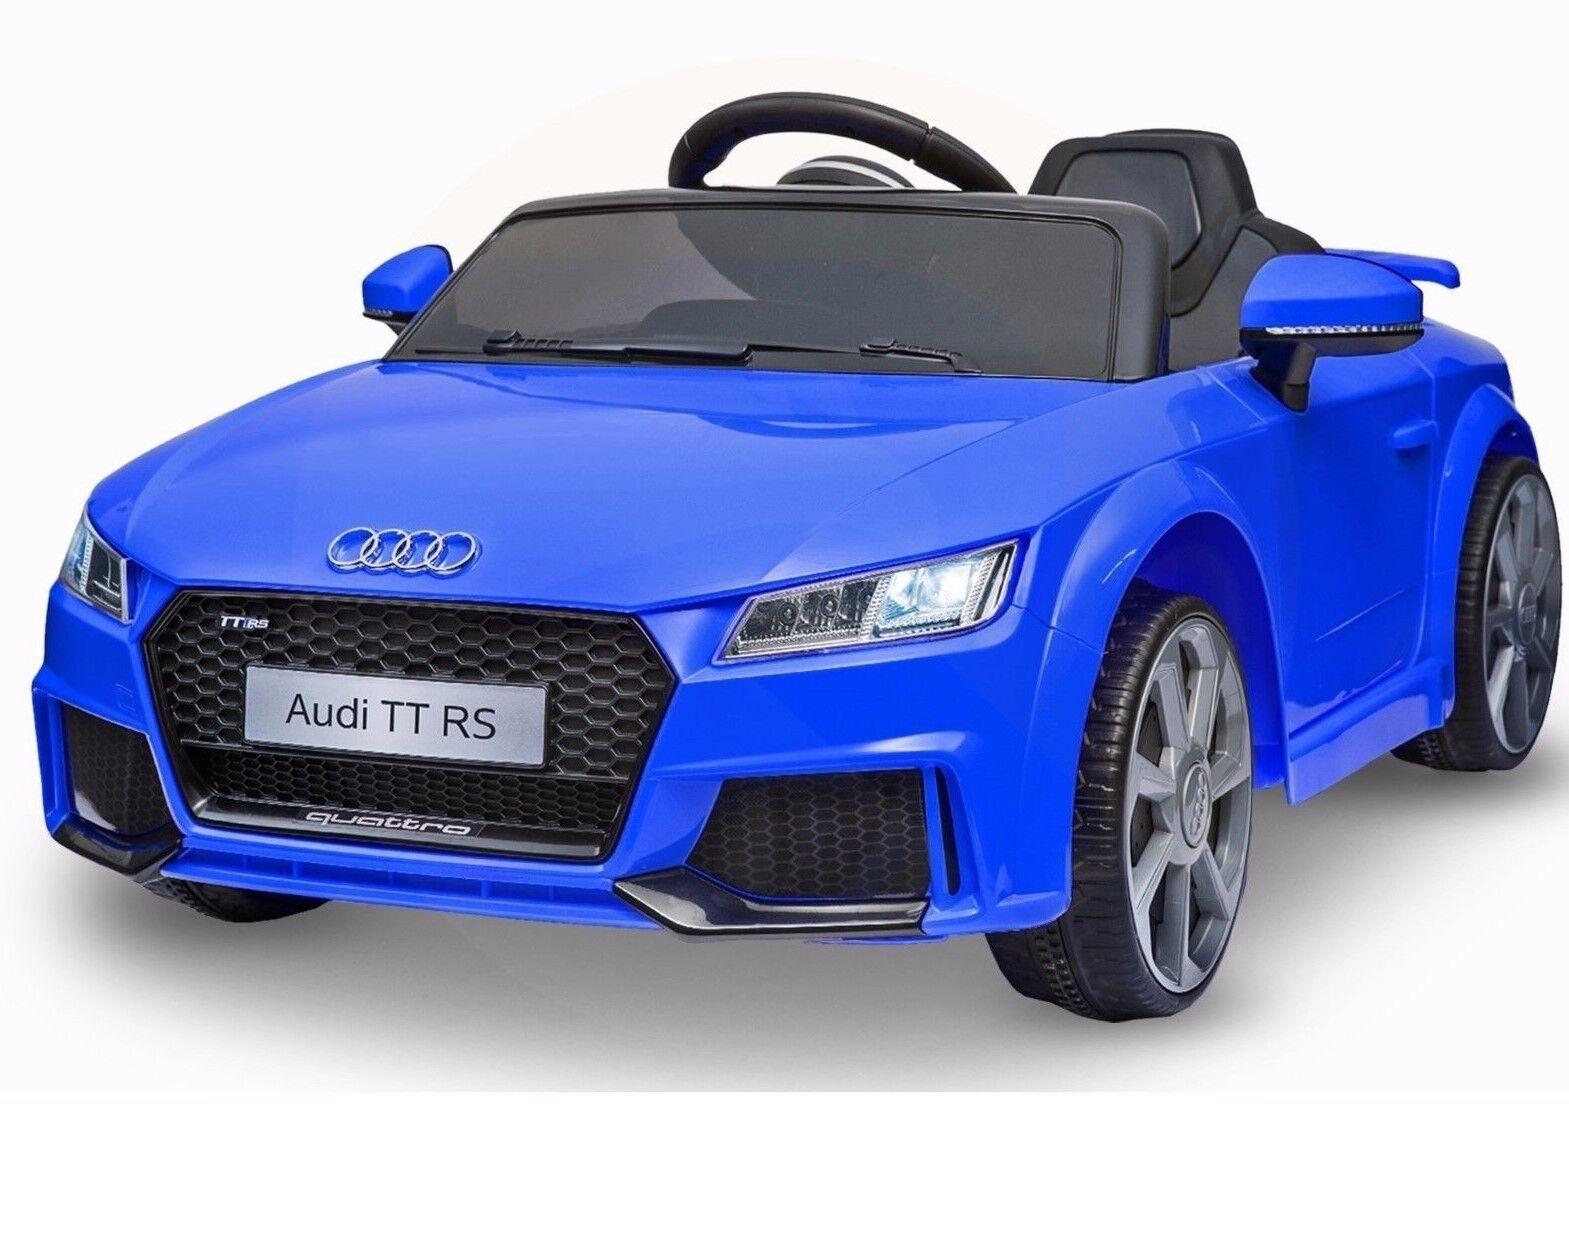 Sur Tt V Licensed Kids Parental Remote Titre D'origine Jouet Le Voiture Afficher Détails Officiel Audi 12 Electric Ride Rs jL354AR